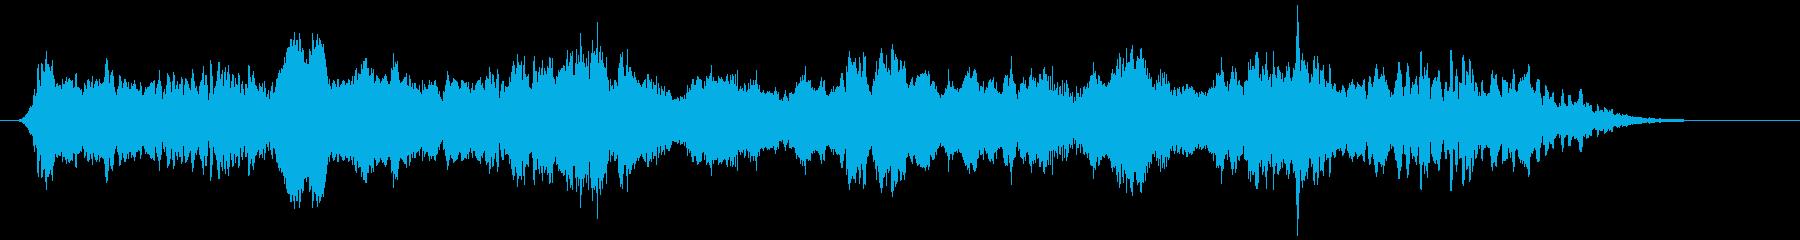 ホラー・サスペンス系軋み効果音2の再生済みの波形